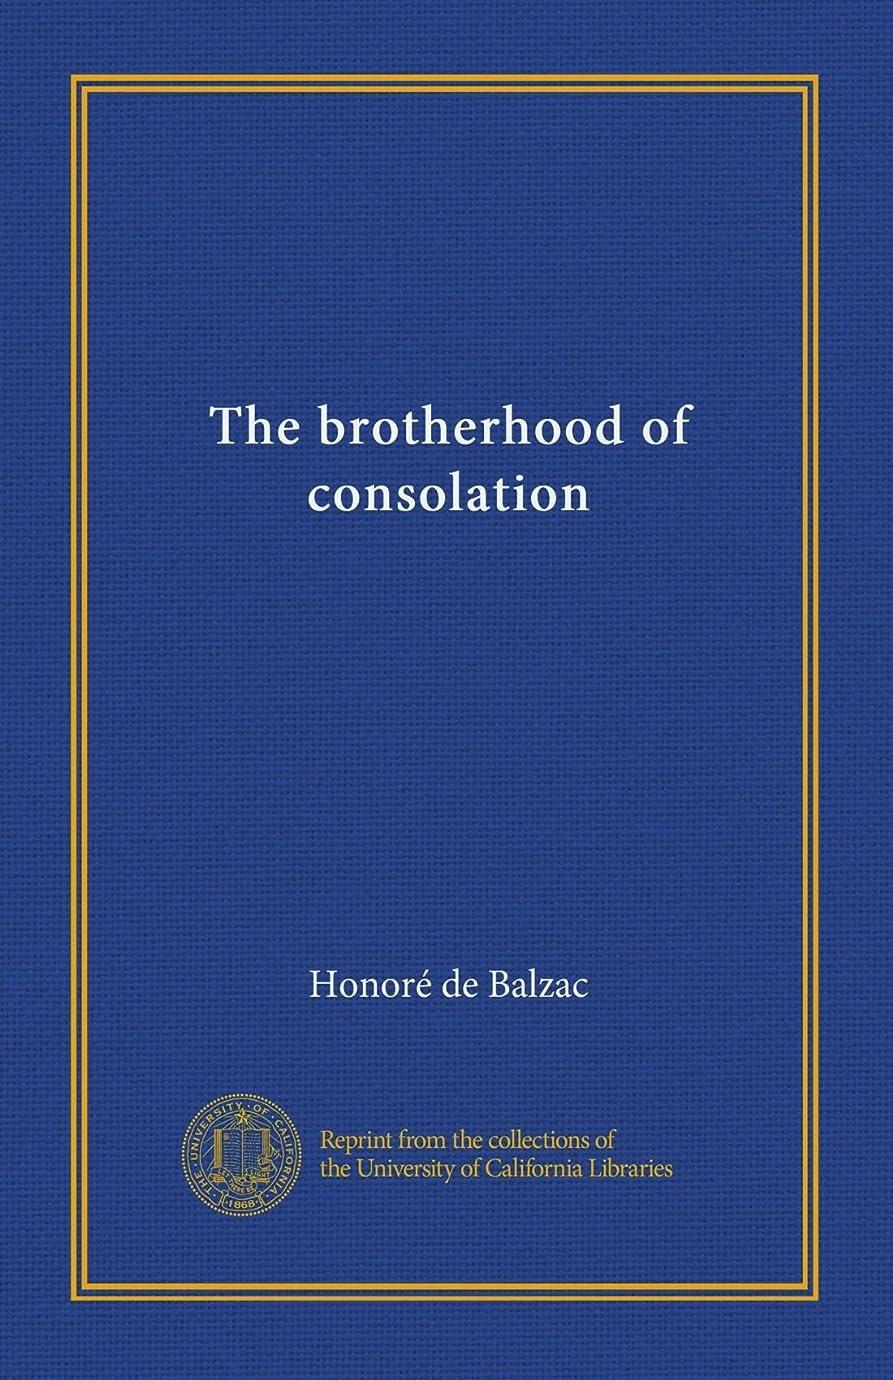 広がりジーンズ百The brotherhood of consolation